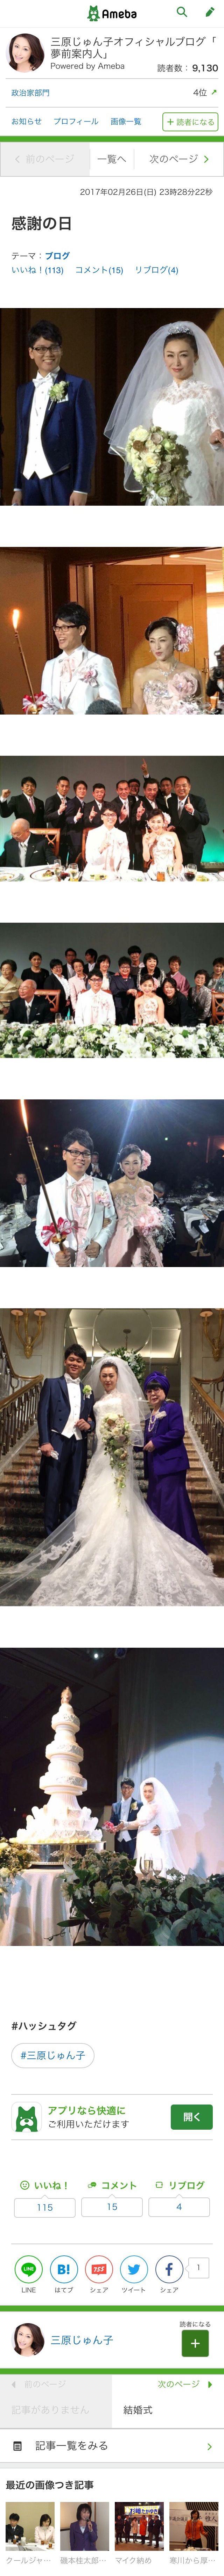 2017年02月26日(日) 23時28分22秒 感謝の日 / 三原じゅん子 #結婚 #感謝 #三原じゅん子